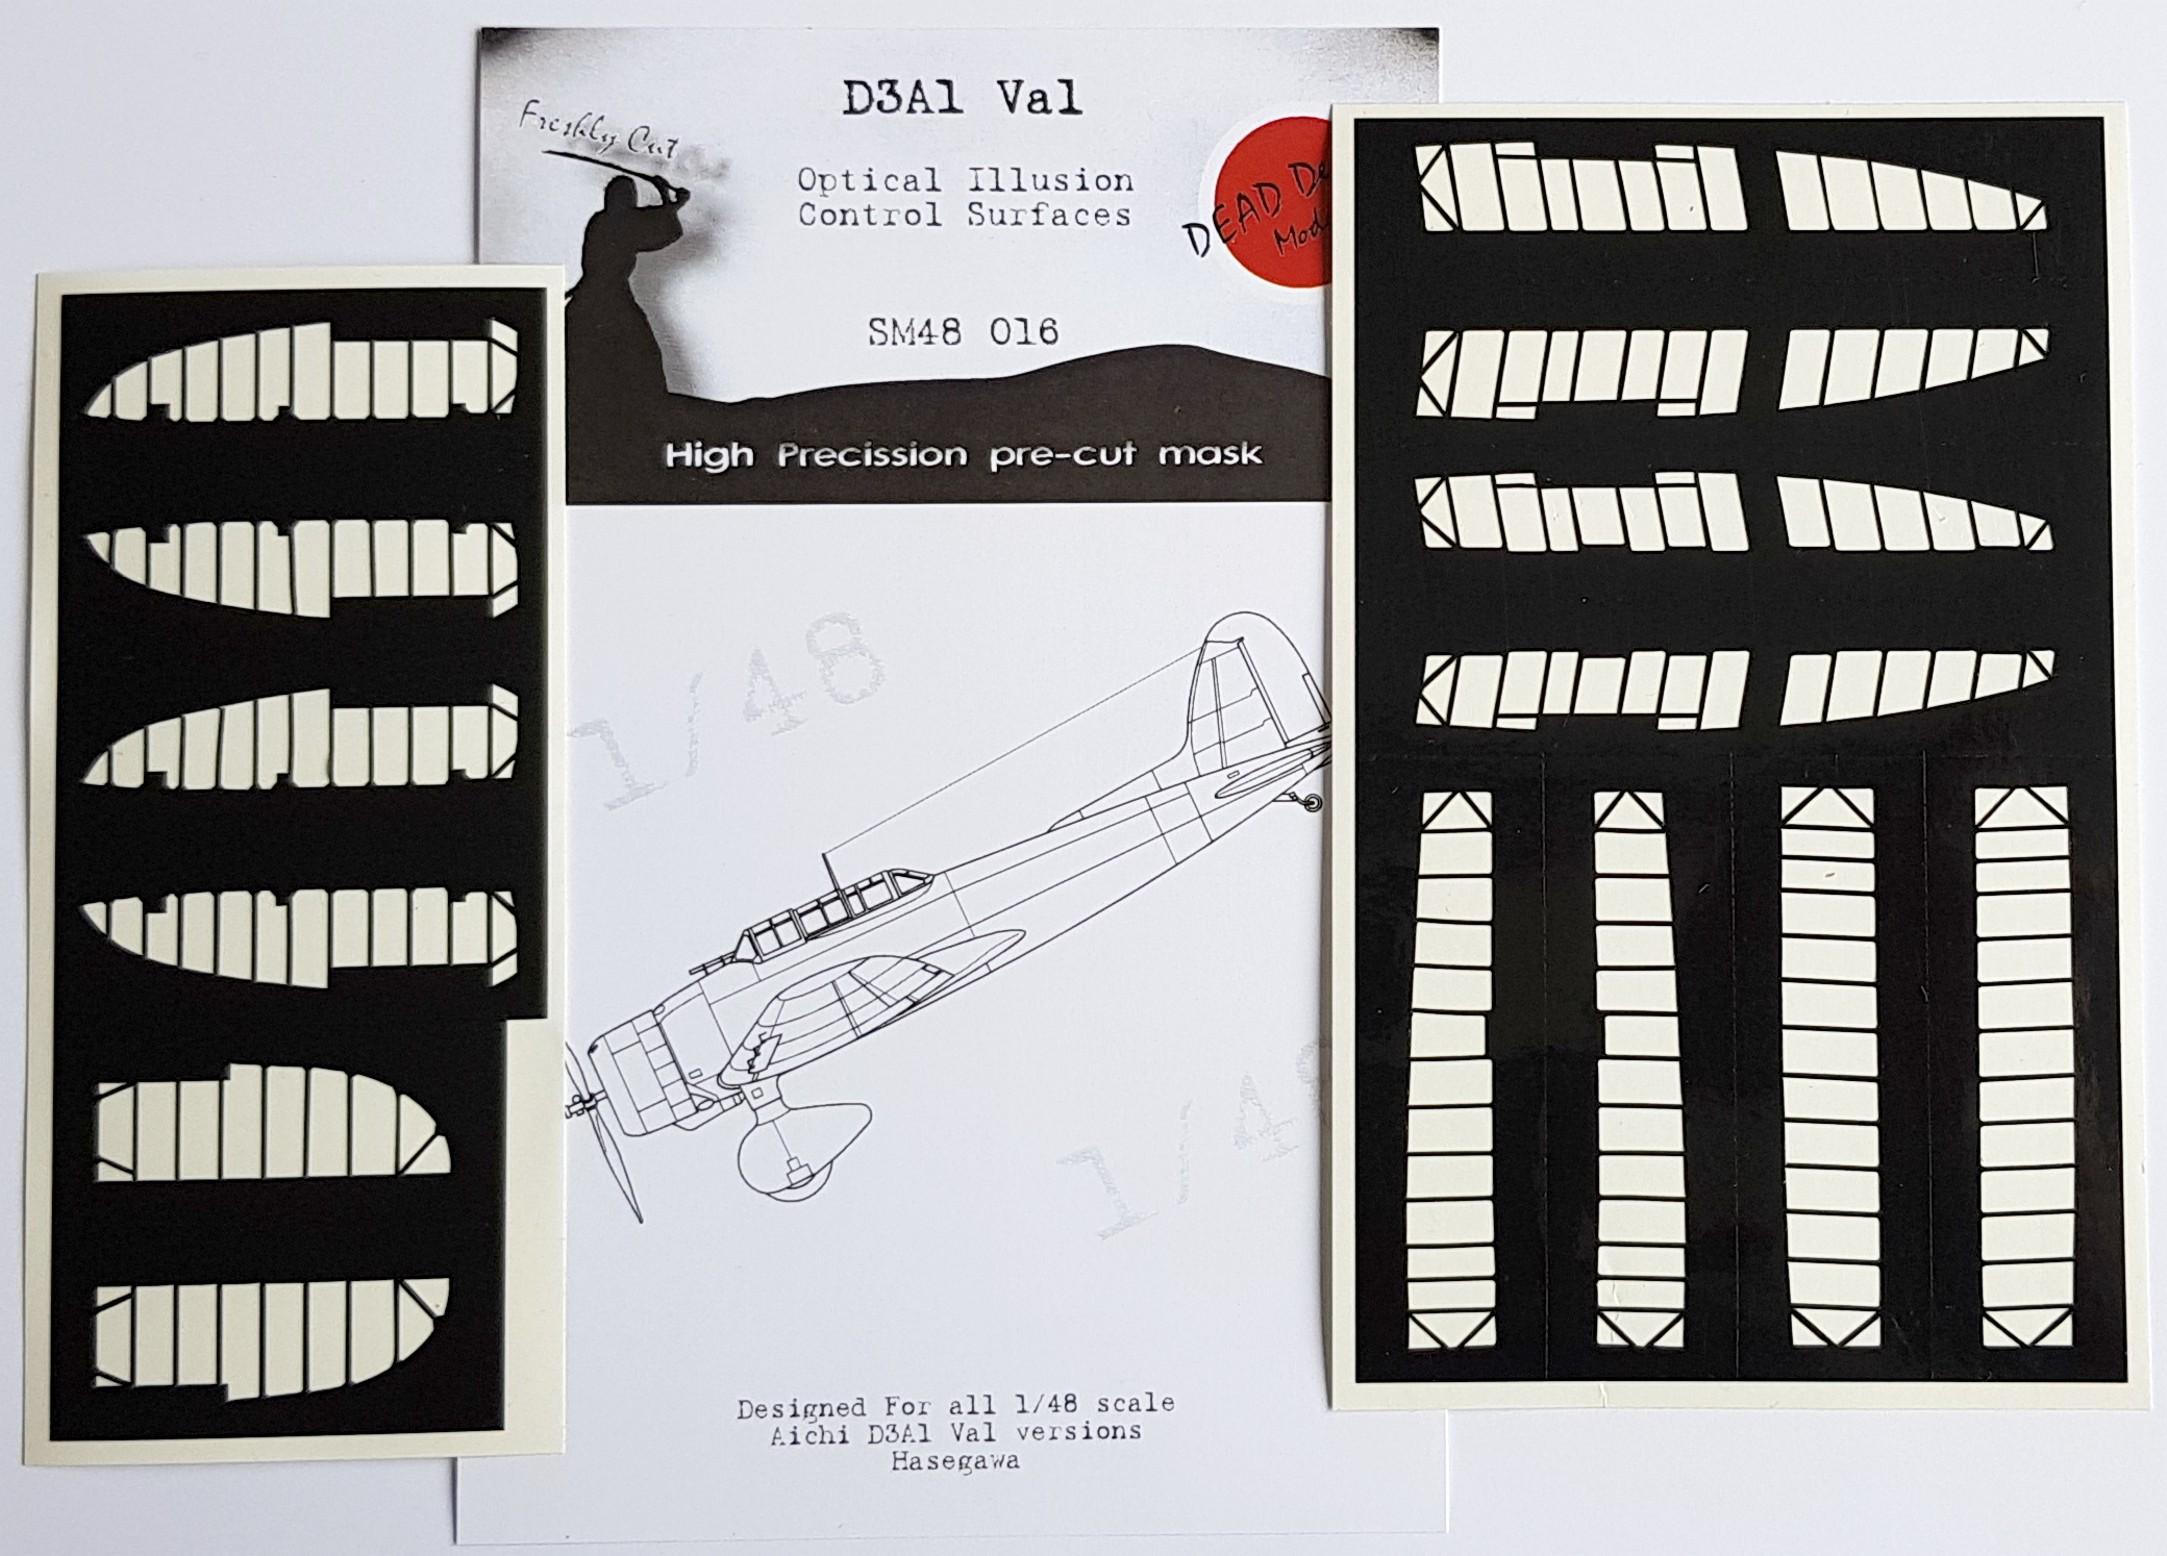 DDMSM48016